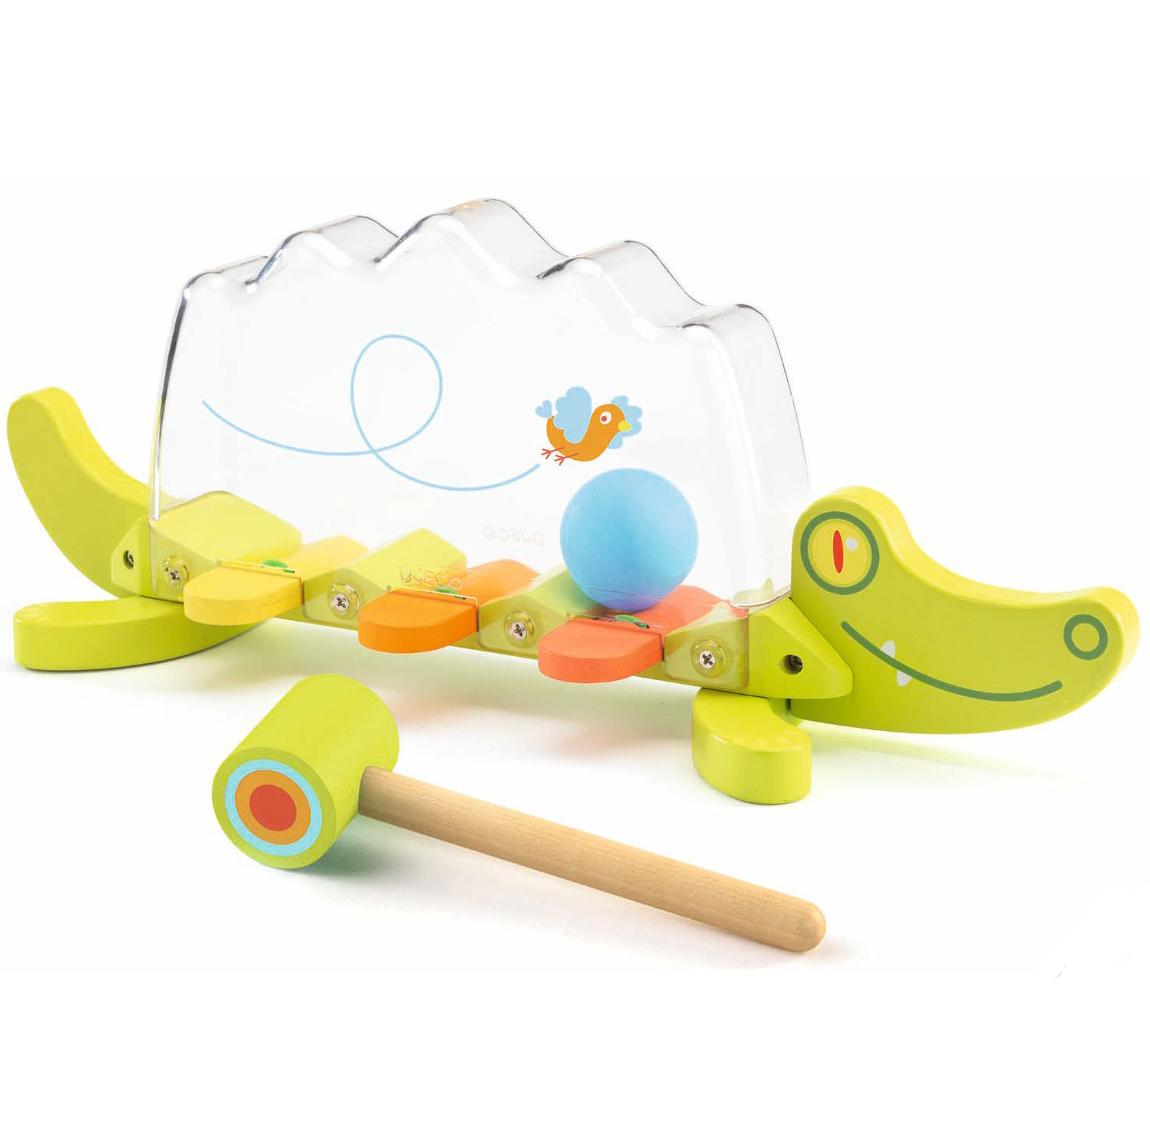 Музыкальная игрушка-забивалка - КрокодилСтучалки и сортеры<br>Музыкальная игрушка-забивалка - Крокодил<br>